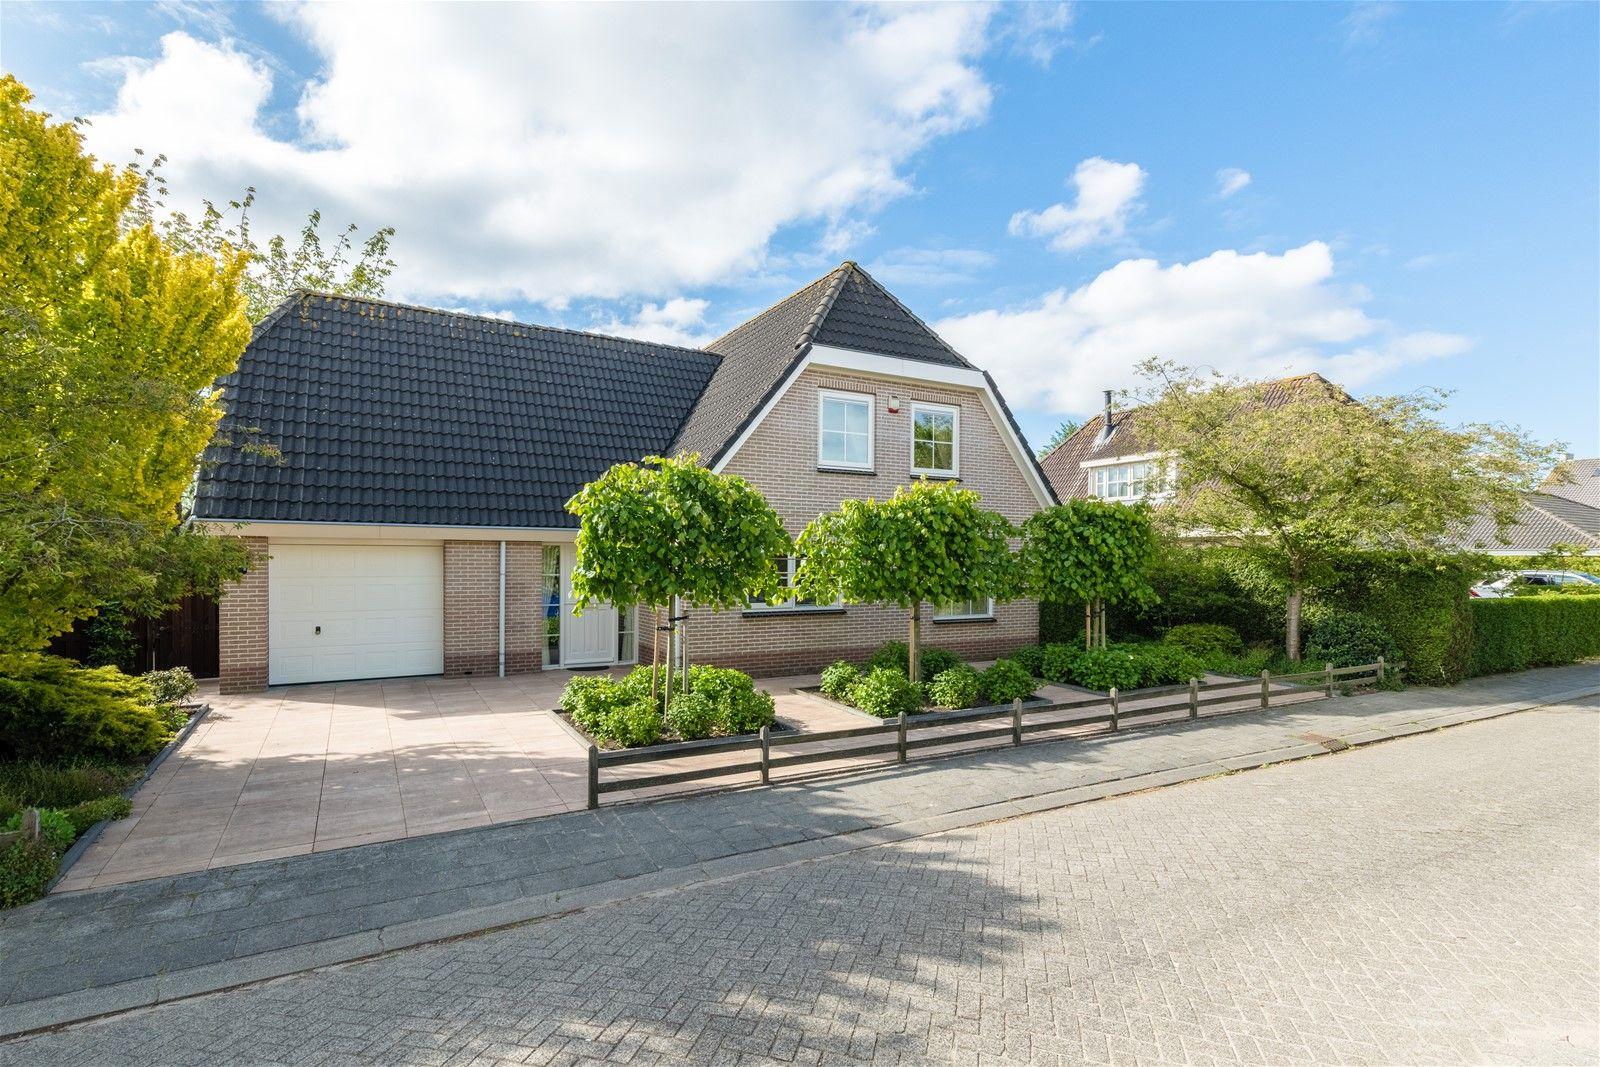 Cissy van Marxveldtstraat 25, Almere